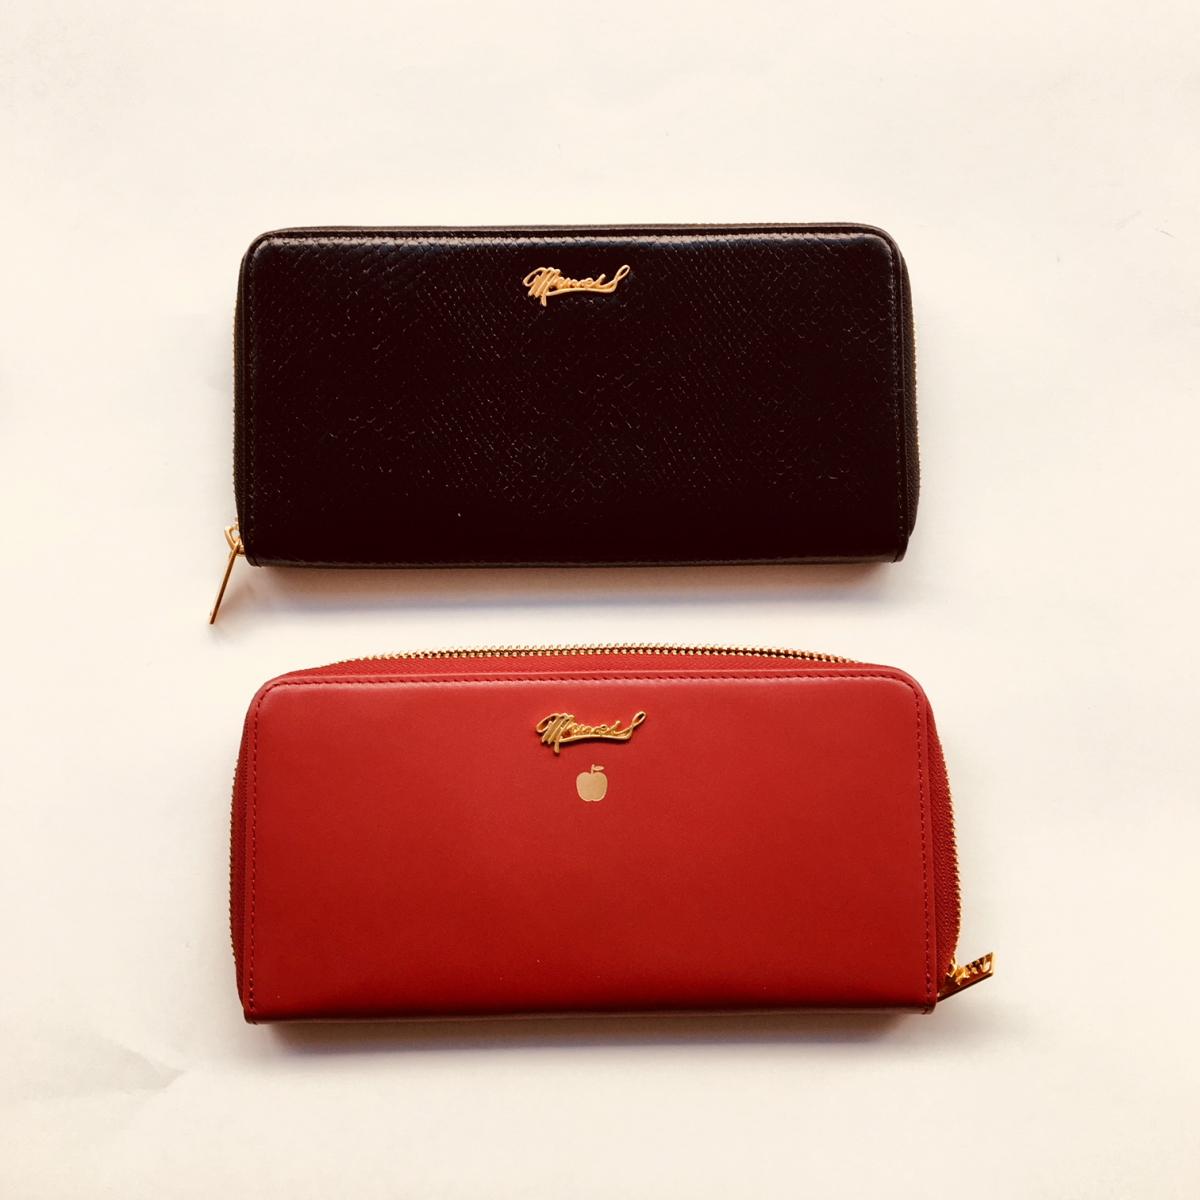 長財布各¥25,000。こちらもミニミニ財布と同じく、黒×マスタードイエロー、チェリーレッド×アップルグリーンの2色。